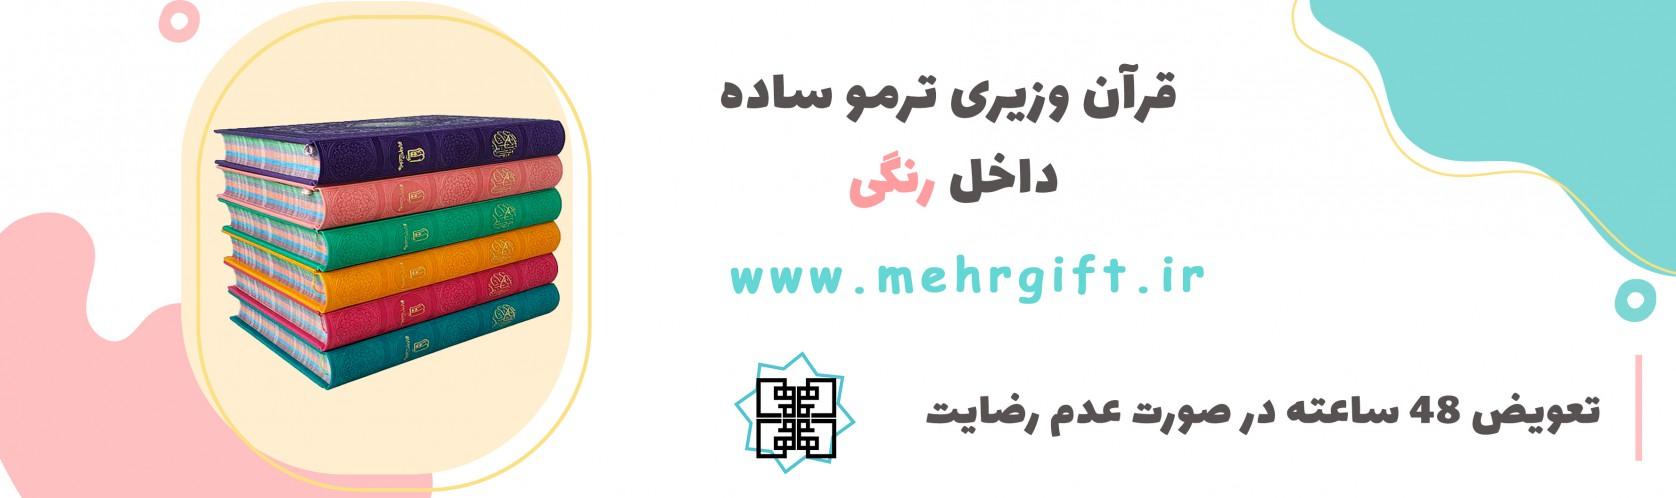 قرآن وزیری ترمو ساده